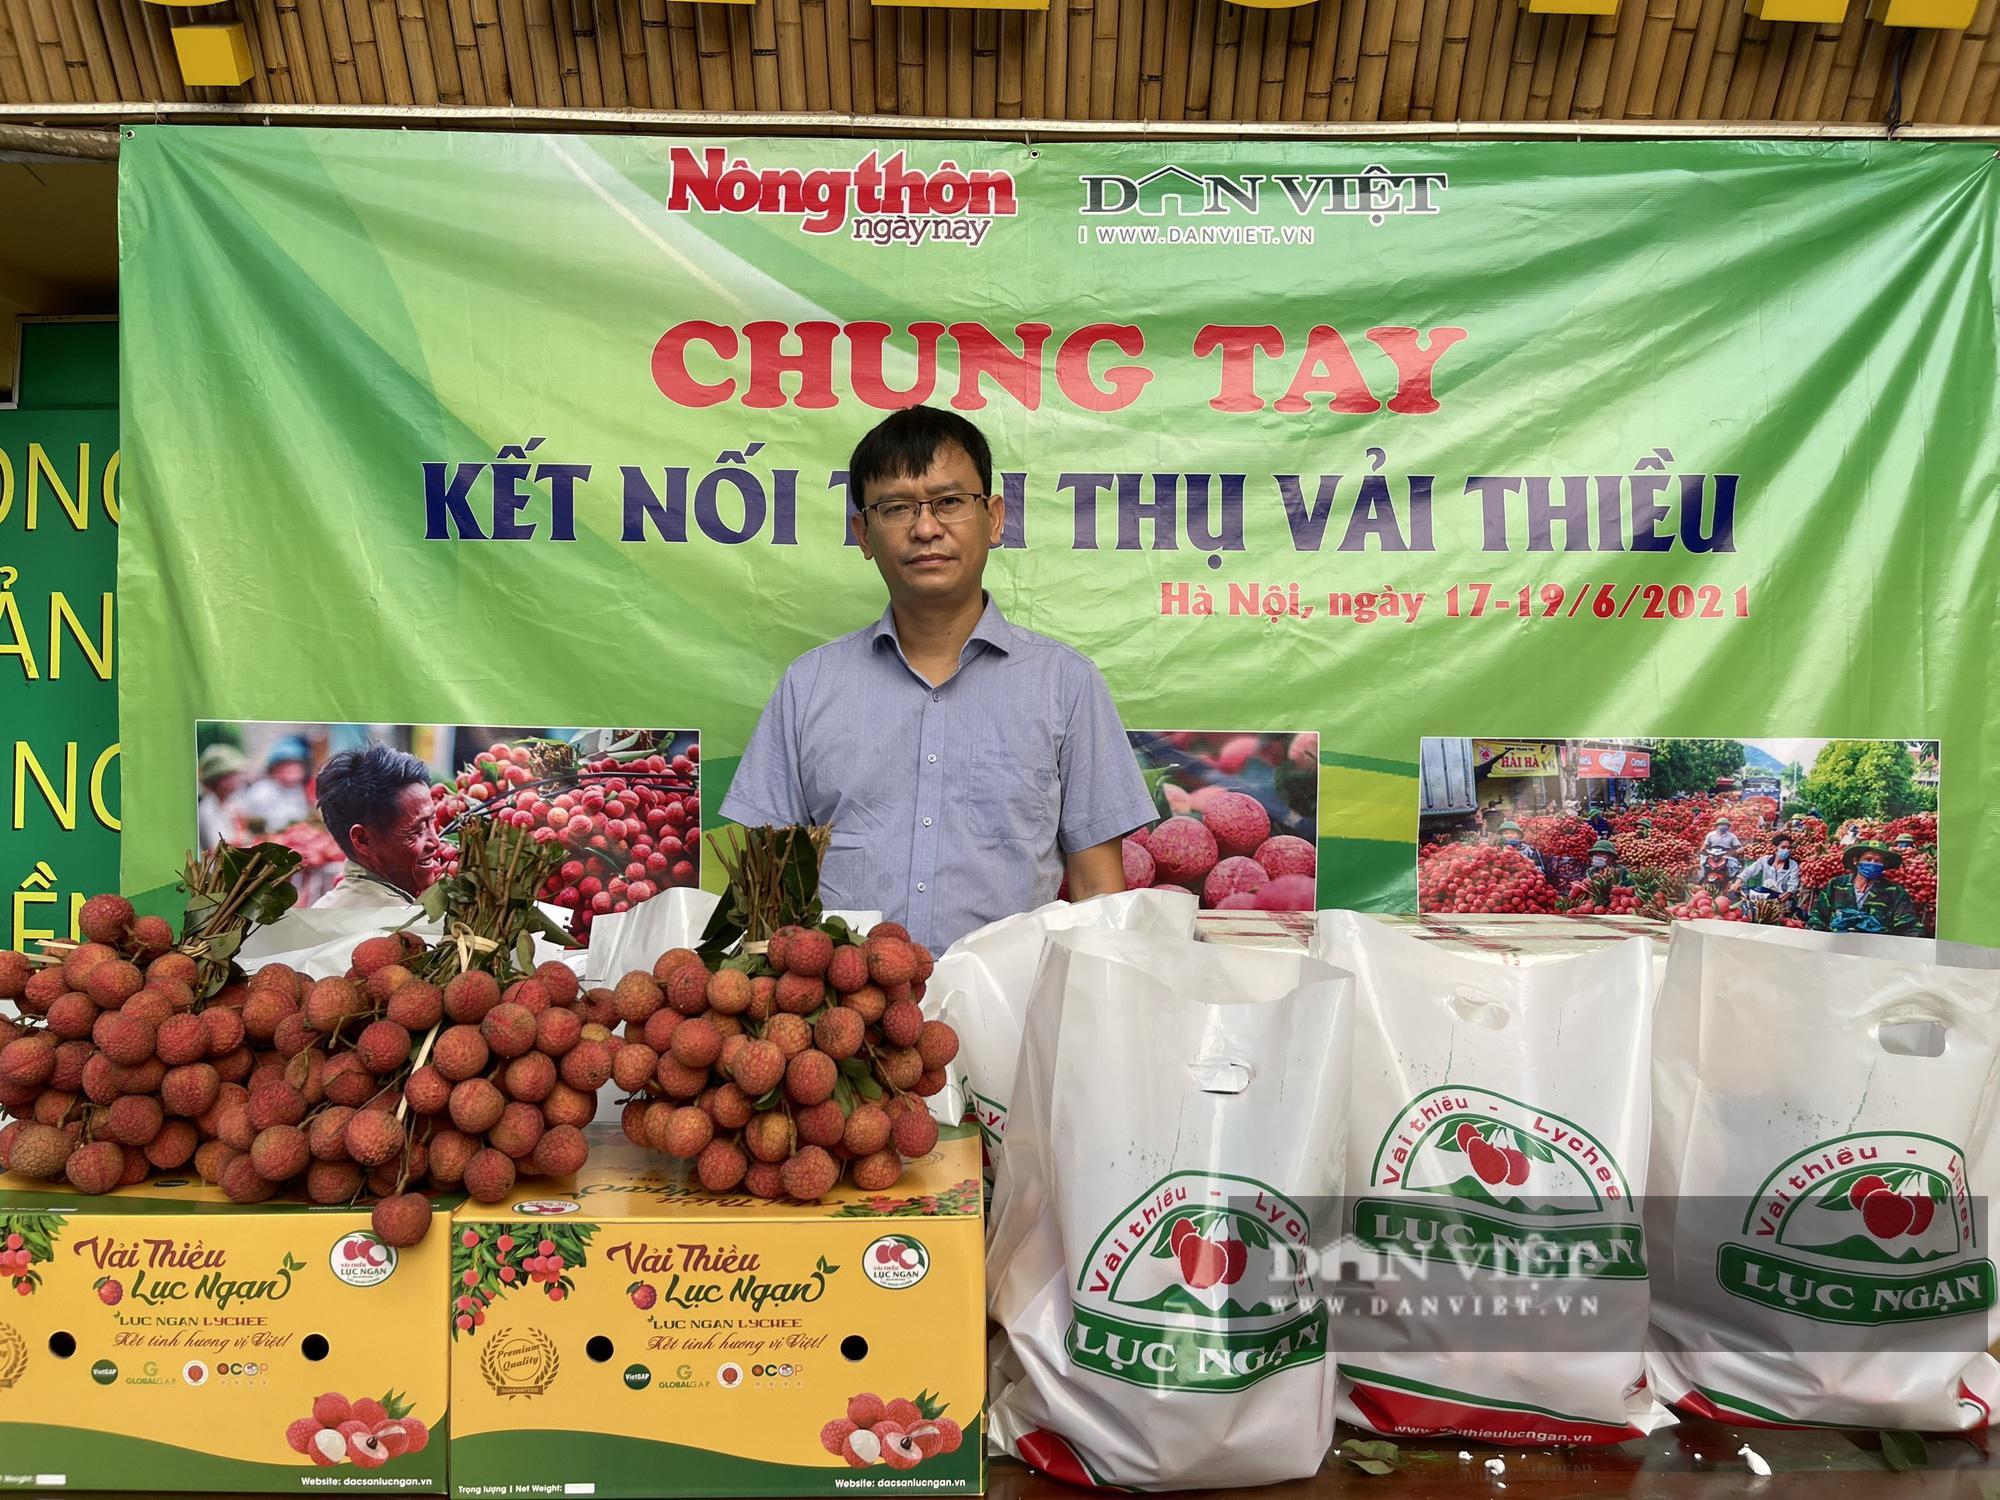 Vải thiều Lục Ngạn đã có mặt tại Trung tâm kết nối tiêu thụ nông sản Báo NTNN/ Điện tử Dân Việt - Ảnh 1.